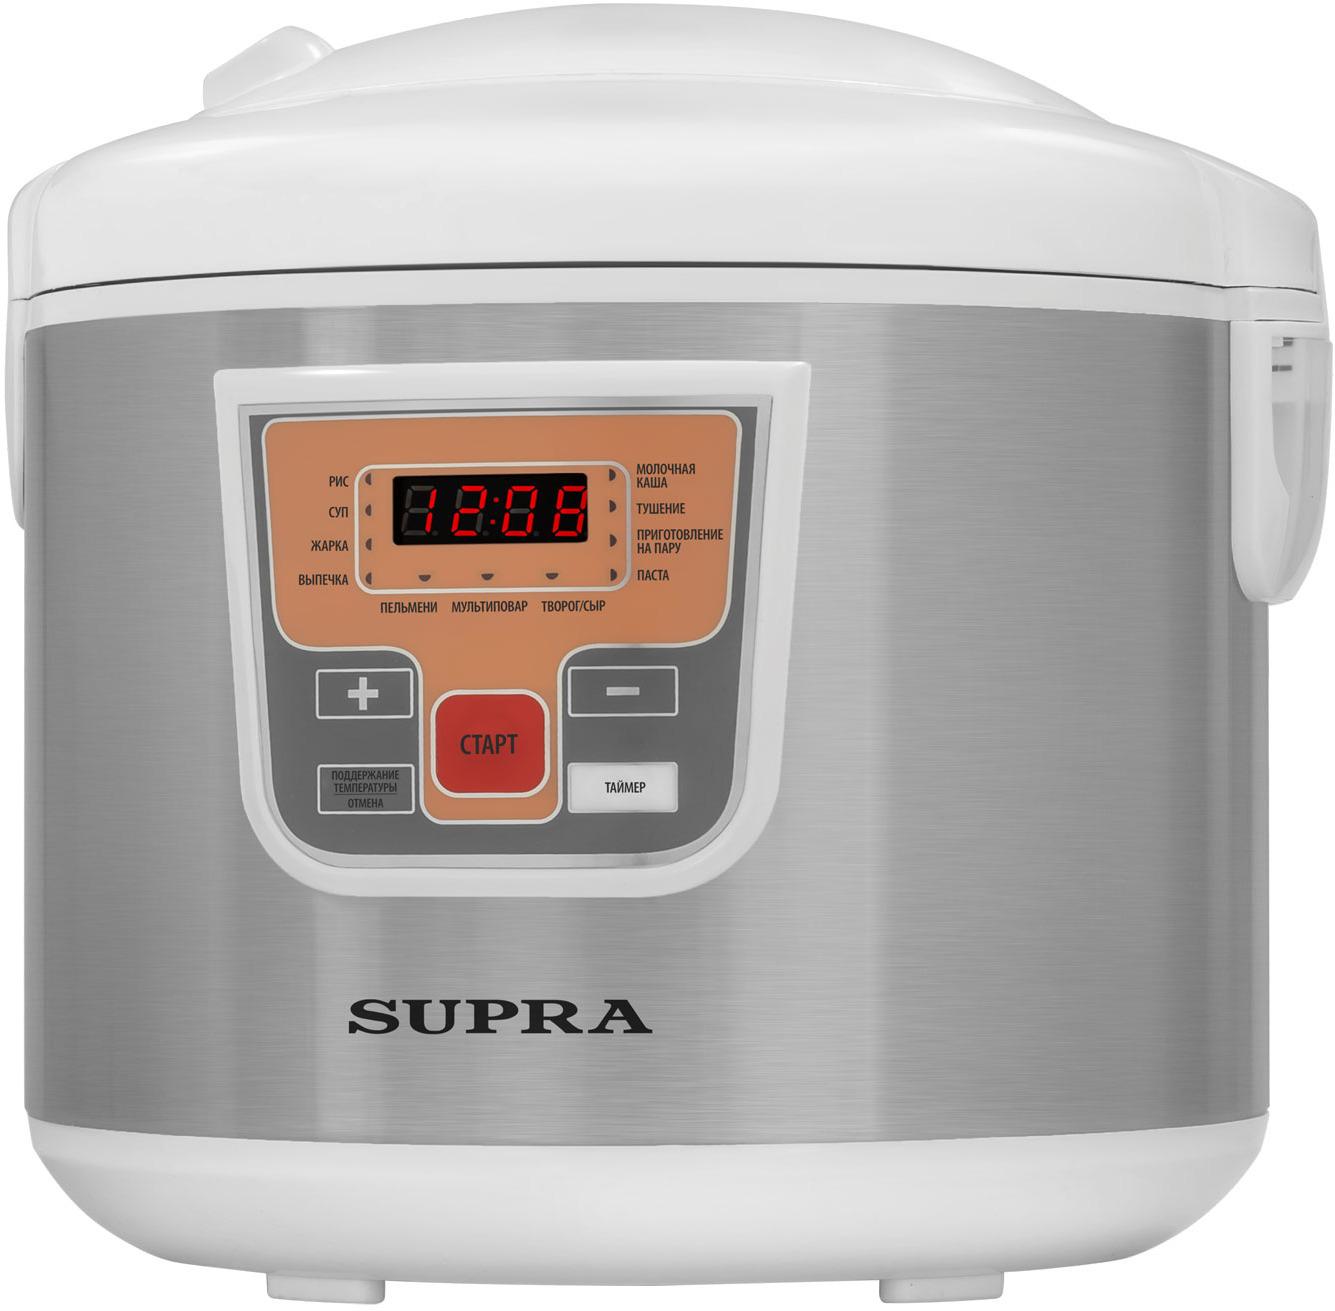 Мультиварка Supra MCS-5110, белый, серебристый мультиварка supra mcs 4704 800вт белый